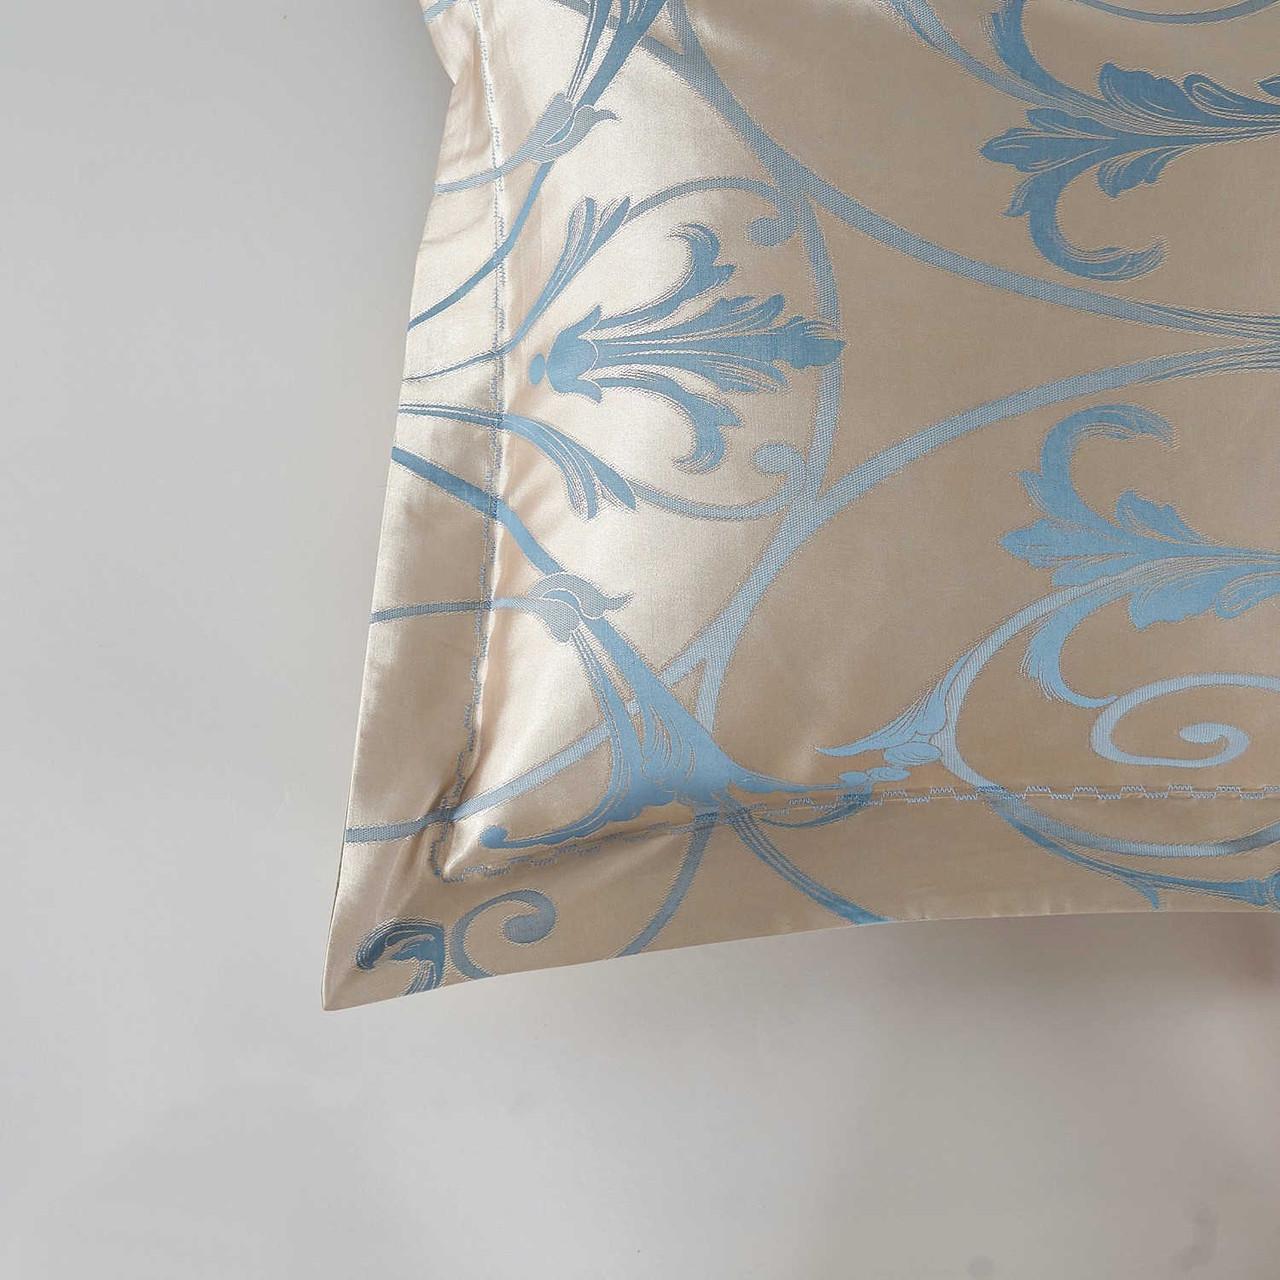 DM800K - St. Petersburg - 6 Pieces Luxury Jacquard King Size Duvet Cover Set